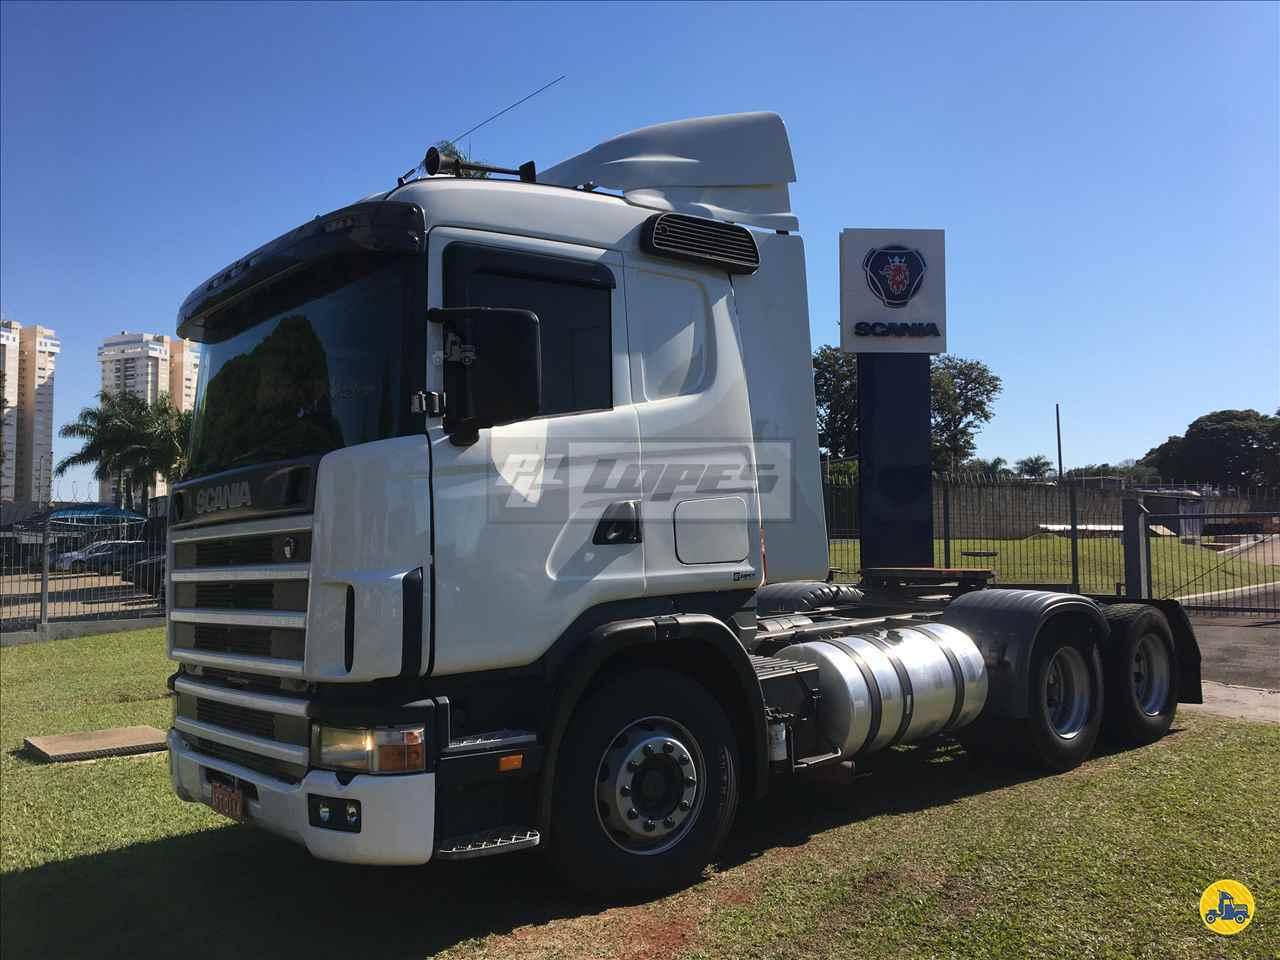 CAMINHAO SCANIA SCANIA 114 380 Cavalo Mecânico Truck 6x2 P.B. Lopes - Scania LONDRINA PARANÁ PR